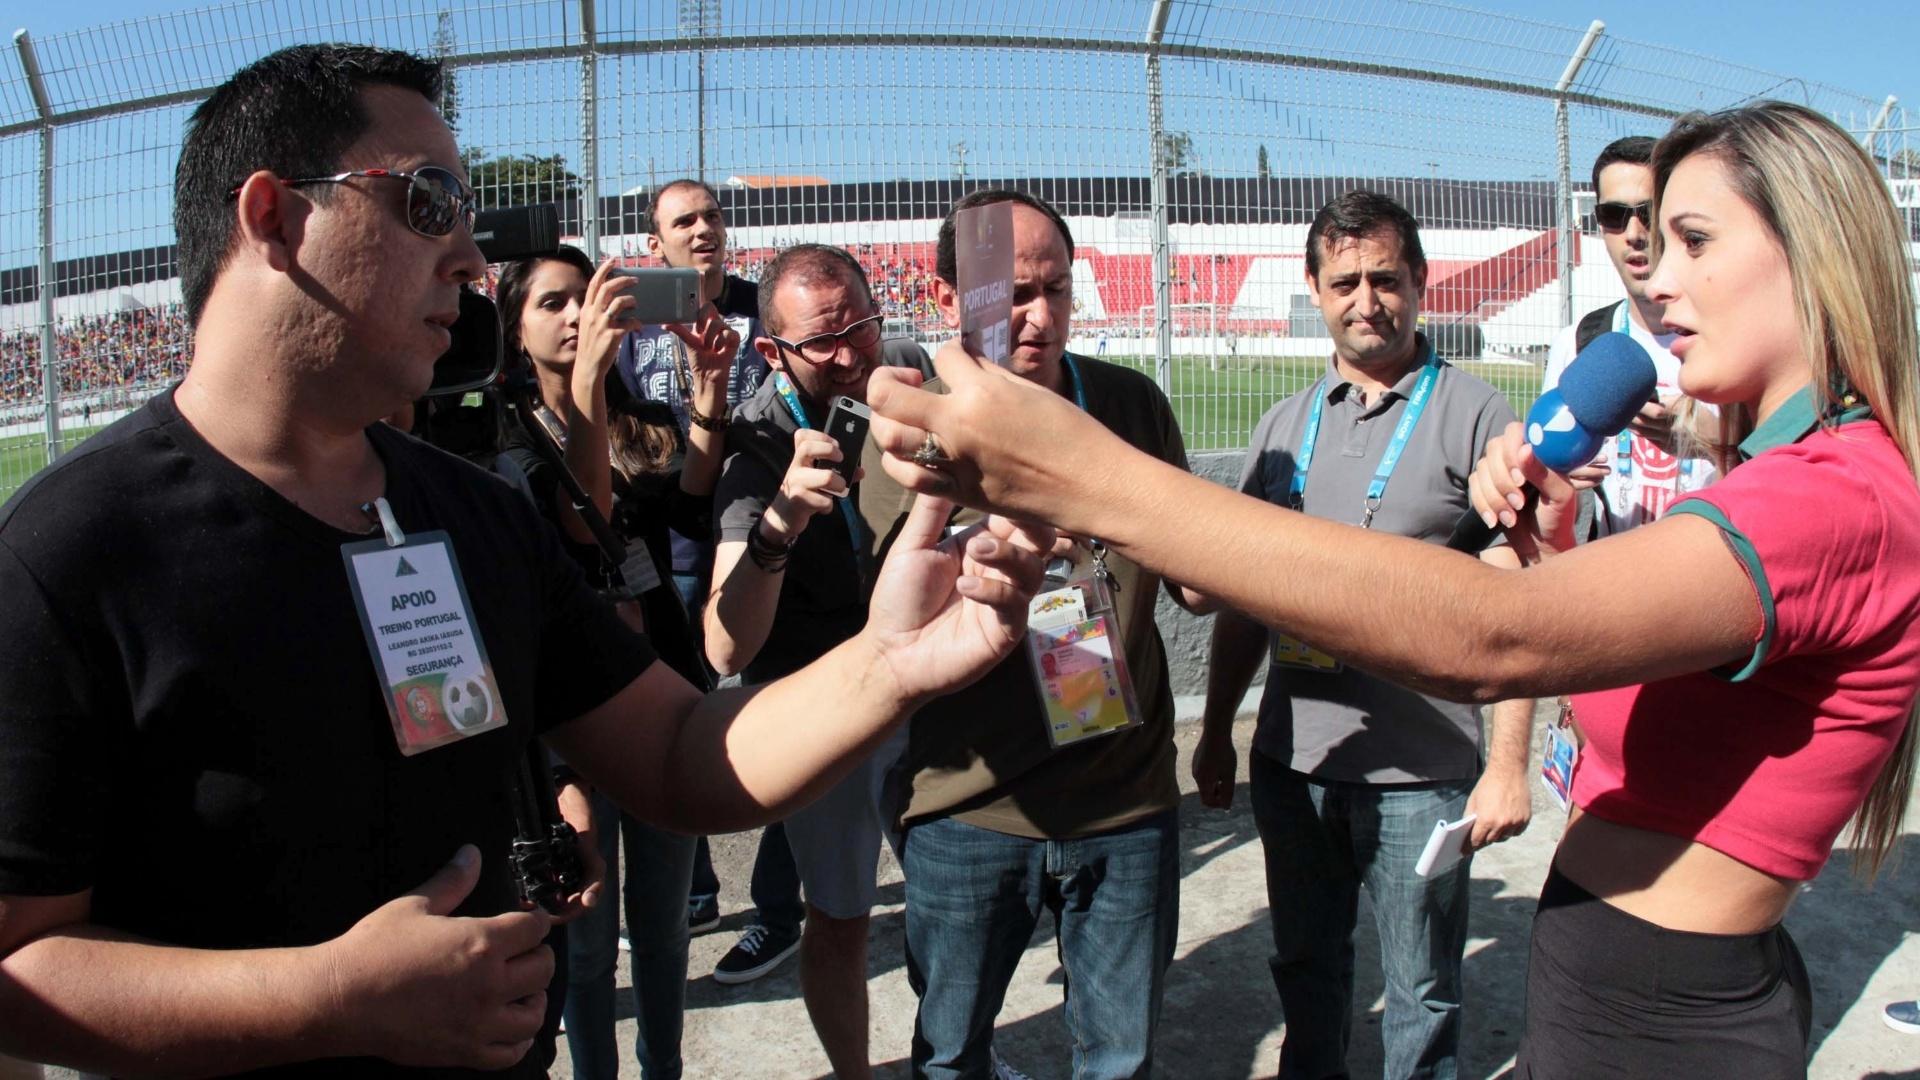 Andressa Urach mostra a credencial para os seguranças, mas de nada adianta. Apresentadora foi retirada da beira do gramado do treino aberto da seleção de Portugal, no Moises Lucarelli